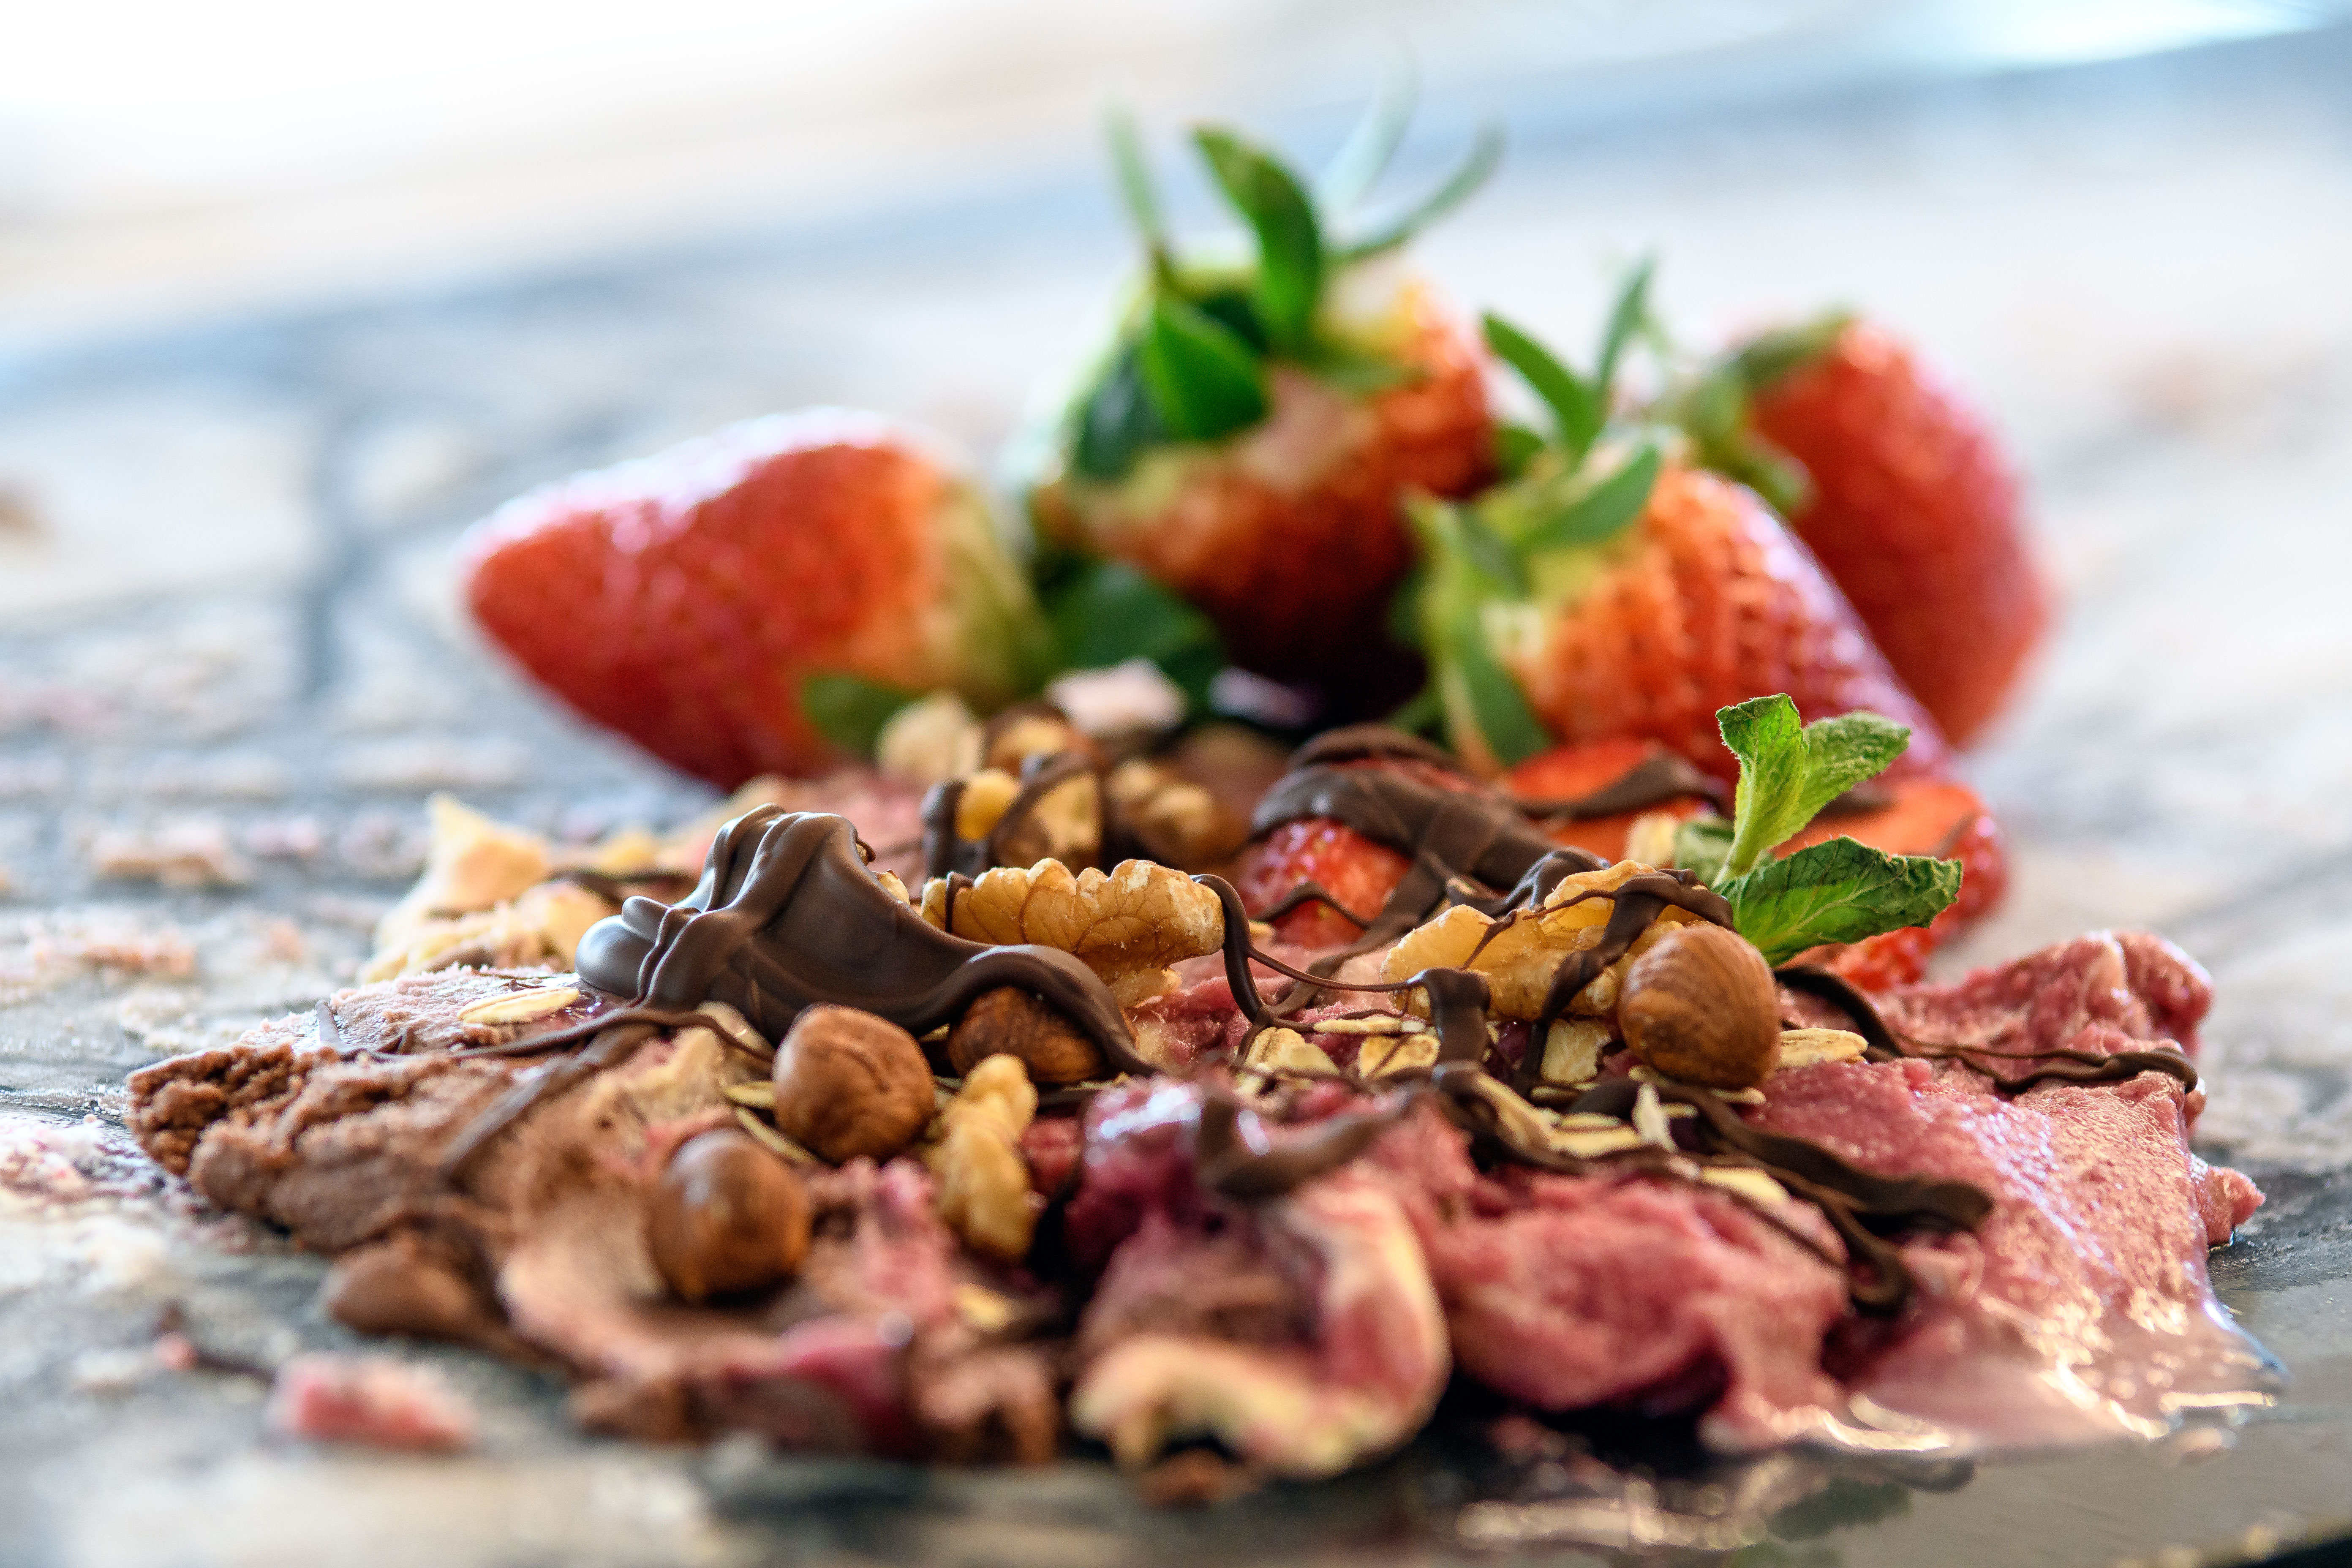 Süßspeise aus dem Café, Quelle: Bauernhof-Eis Pfaff GbR